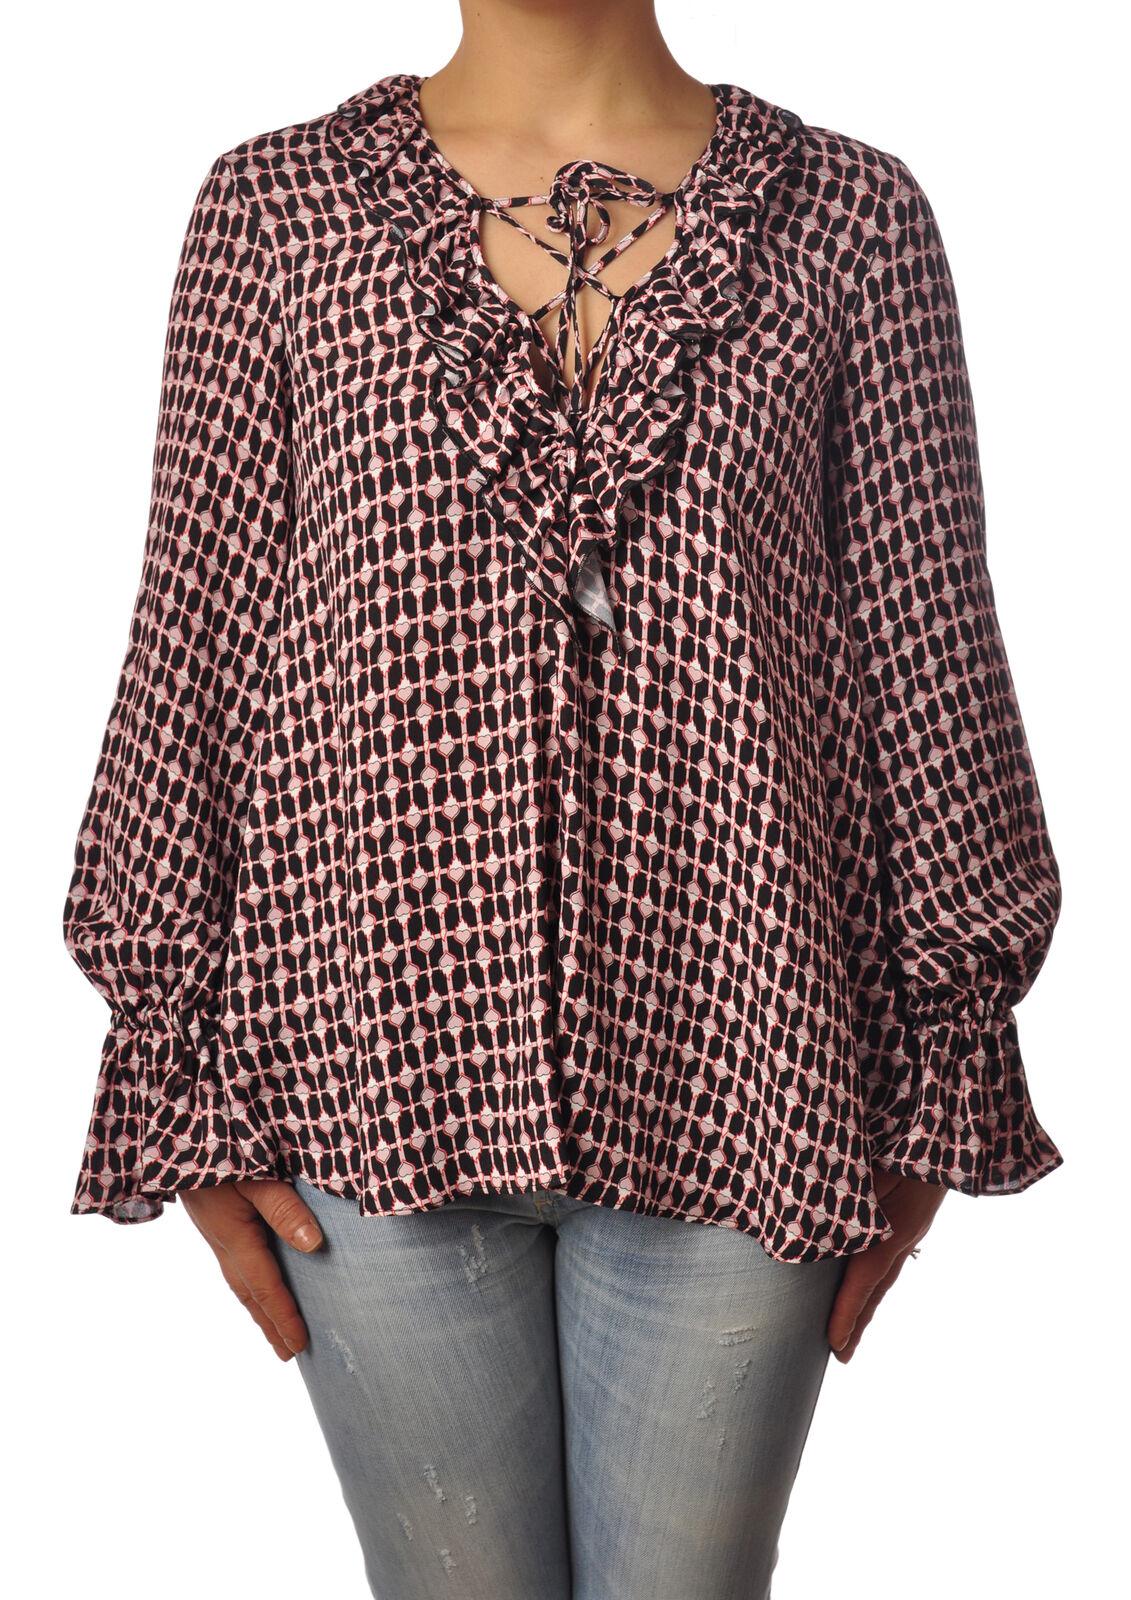 Dondup - Camicie-Camice - mujer -  Fantasia - 4951717C183037  tomamos a los clientes como nuestro dios